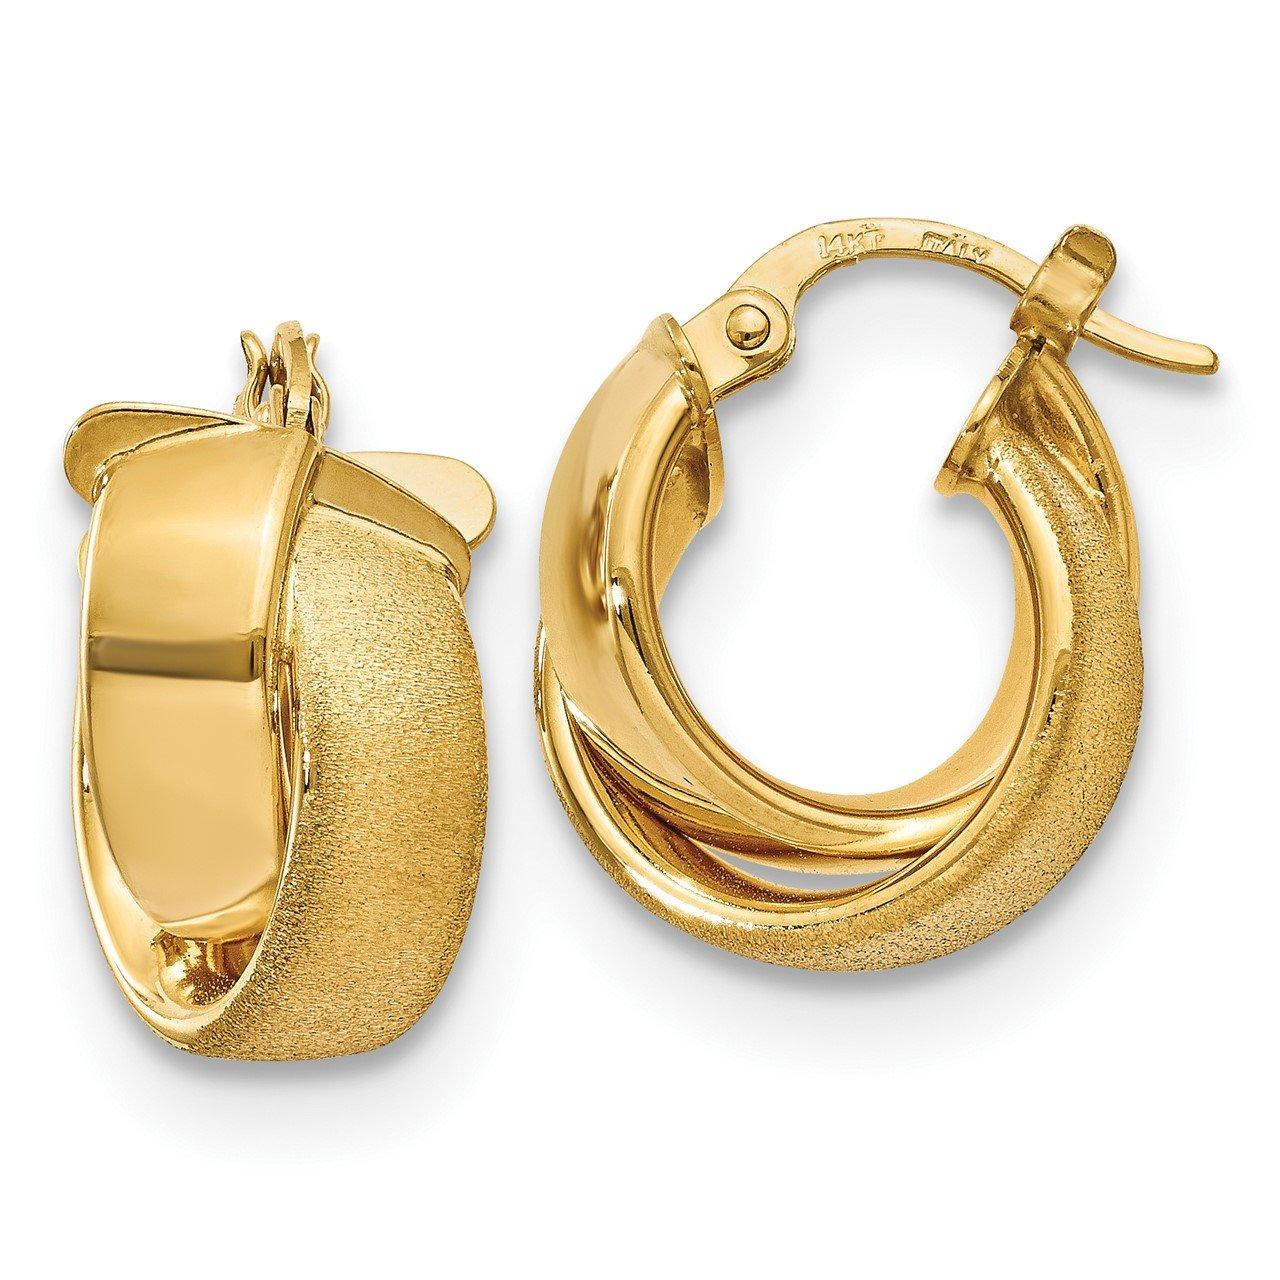 Leslie's 14K Polished and Satin Hoop Earrings